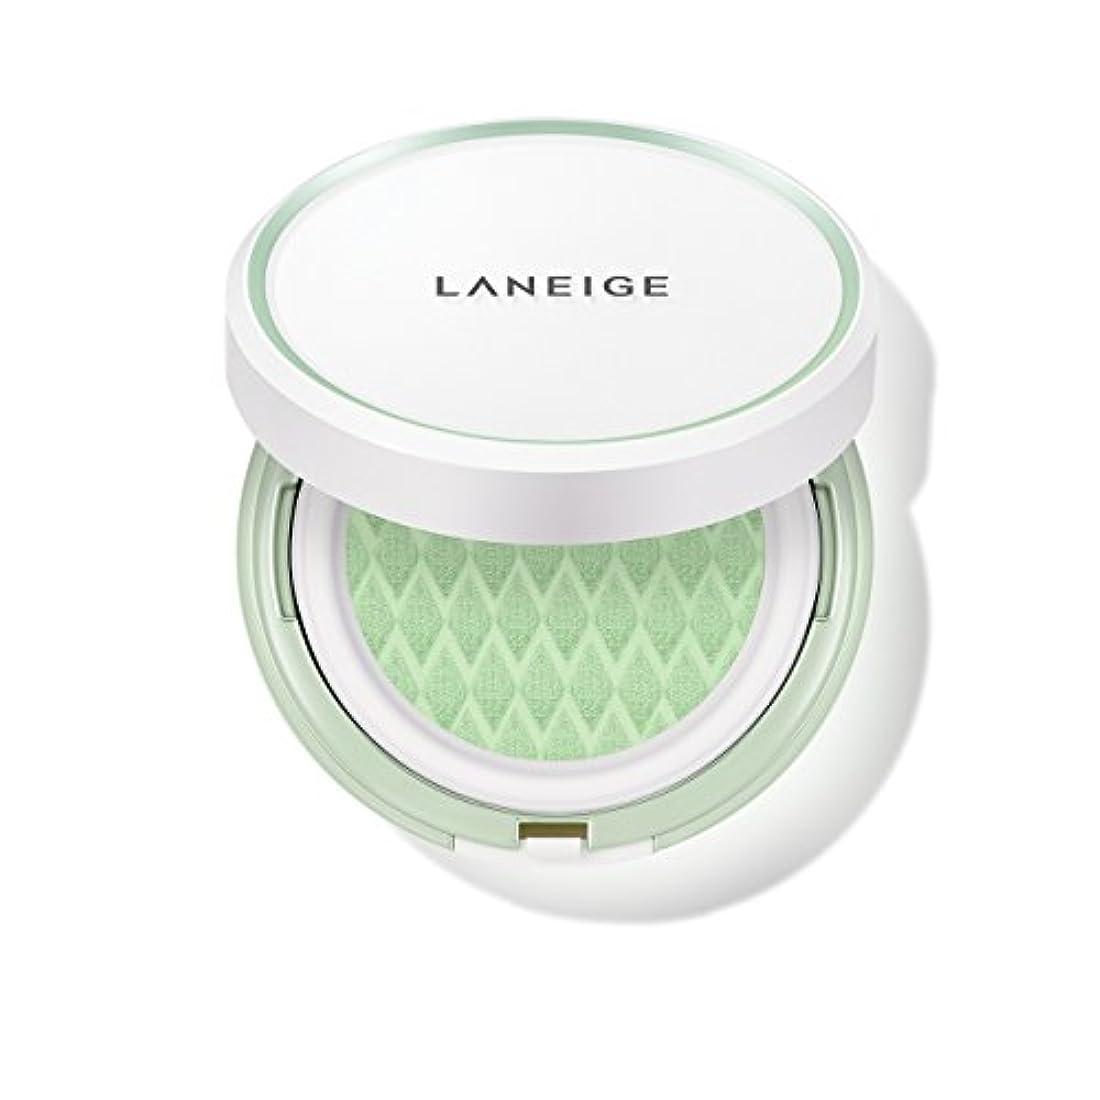 リズム呼ぶラネージュ[LANEIGE]*AMOREPACIFIC*[新商品]スキンベなベースクッションSPF 22PA++(#60 Light Green) 15g*2 / LANEIGE Skin Veil Base Cushion...